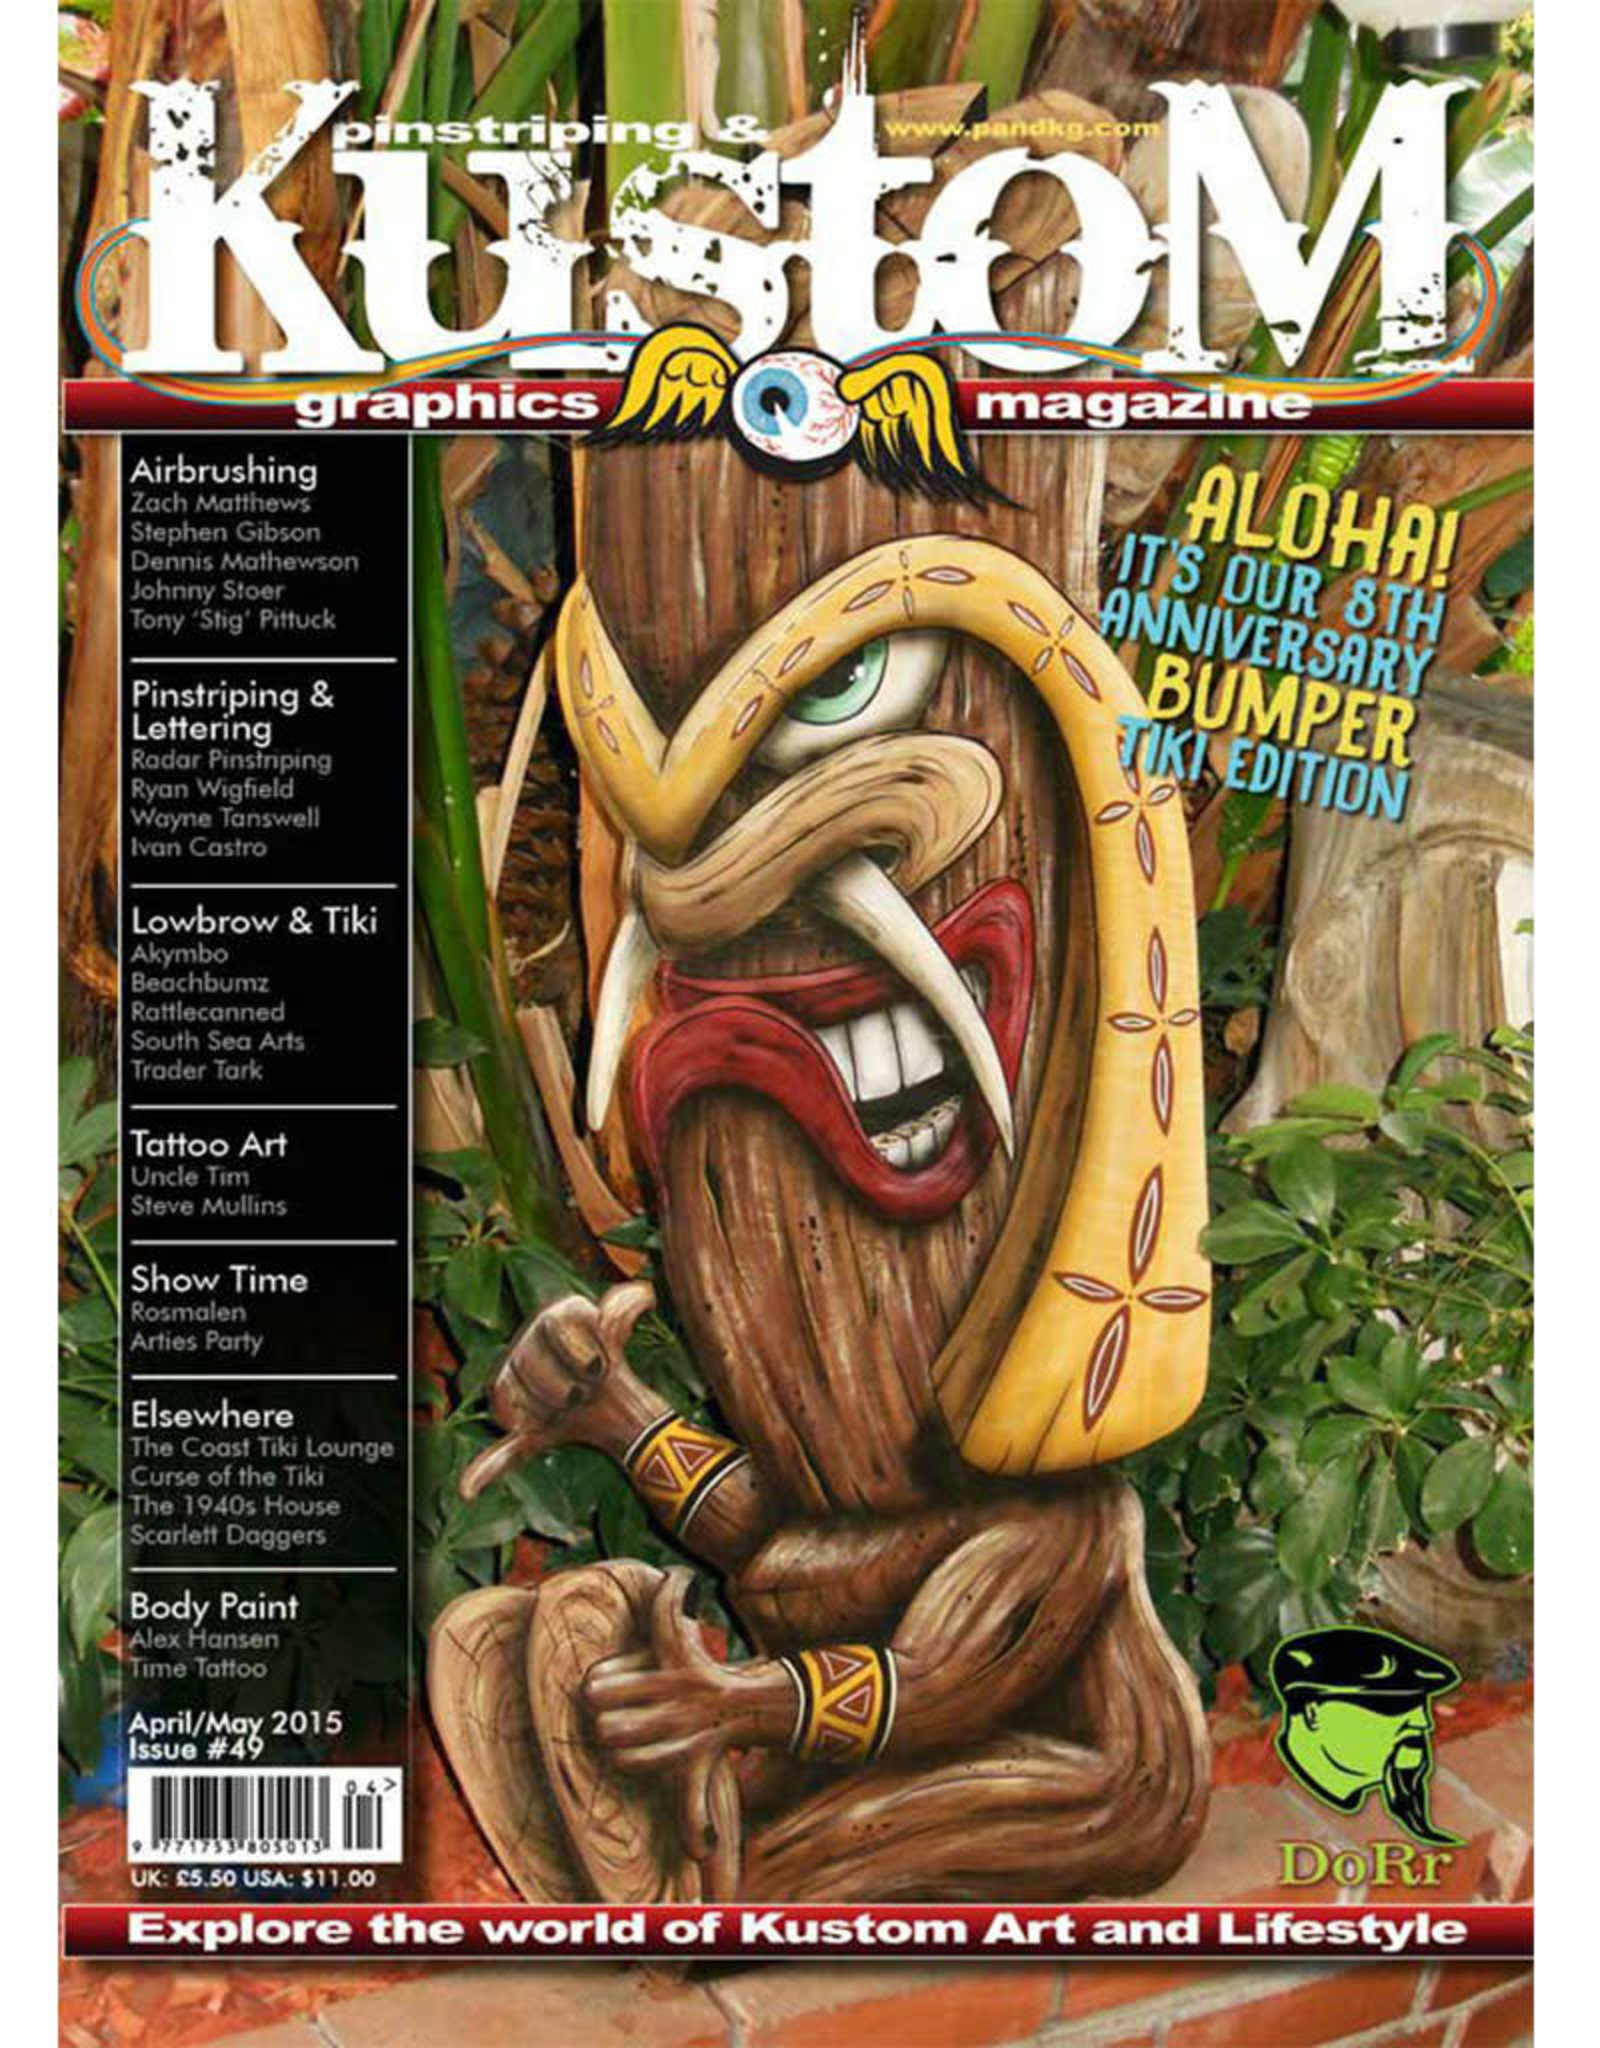 Pinstriping & Kustom graphics magazine Pinstriping & Kustom graphics magazine #49